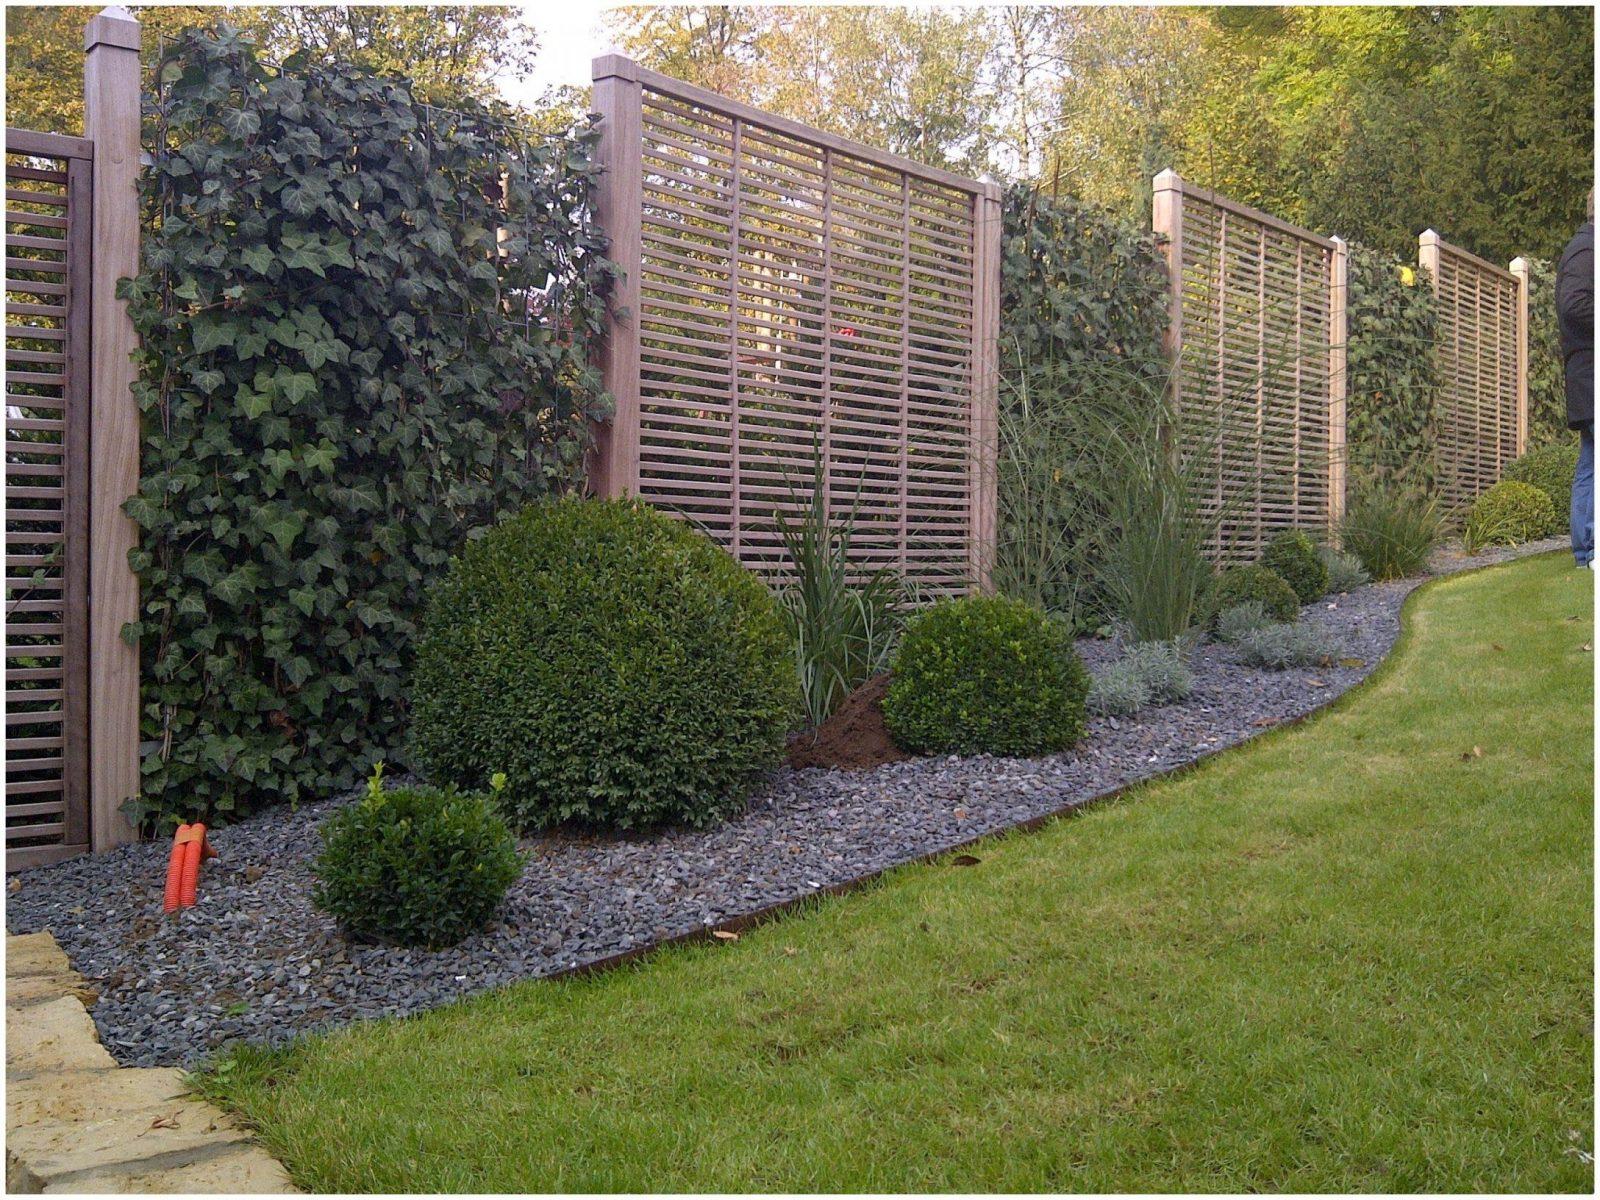 Inspirierend Sichtschutz Garten Hecke Bilder Von Garten Dekoratives von Moderner Sichtschutz Für Den Garten Bild